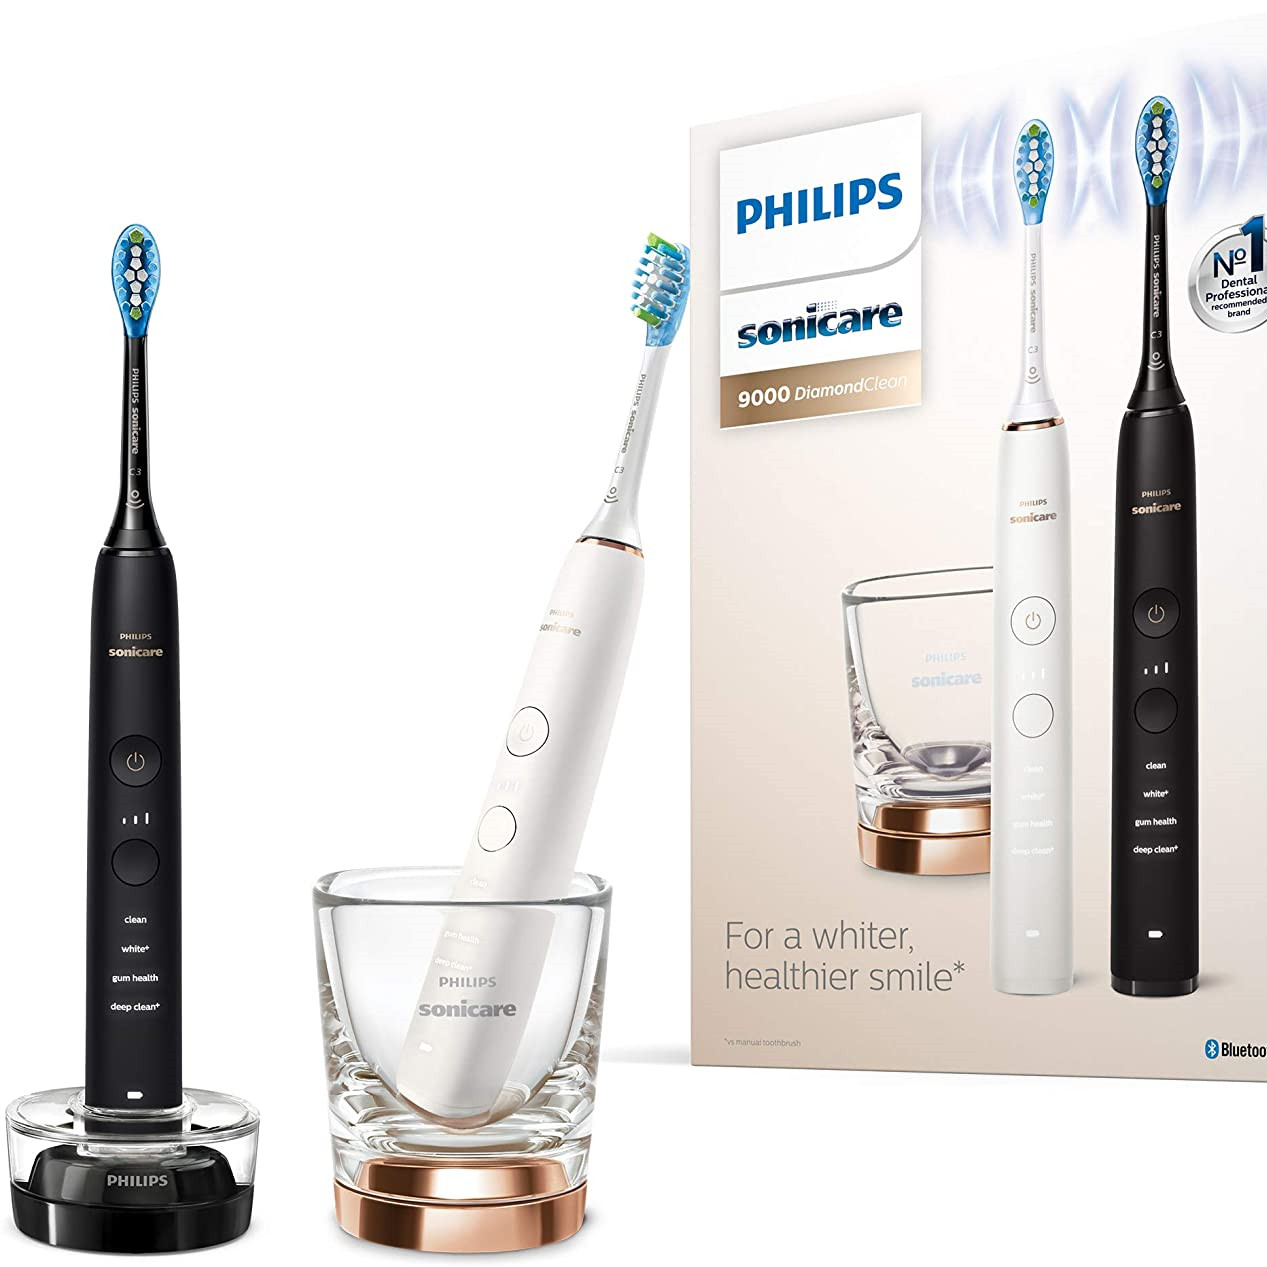 跟亲爱的ta一起呵护牙齿健康!Philips飞利浦Sonicare DiamondClean 9000电动牙刷 黑色+白色情侣款